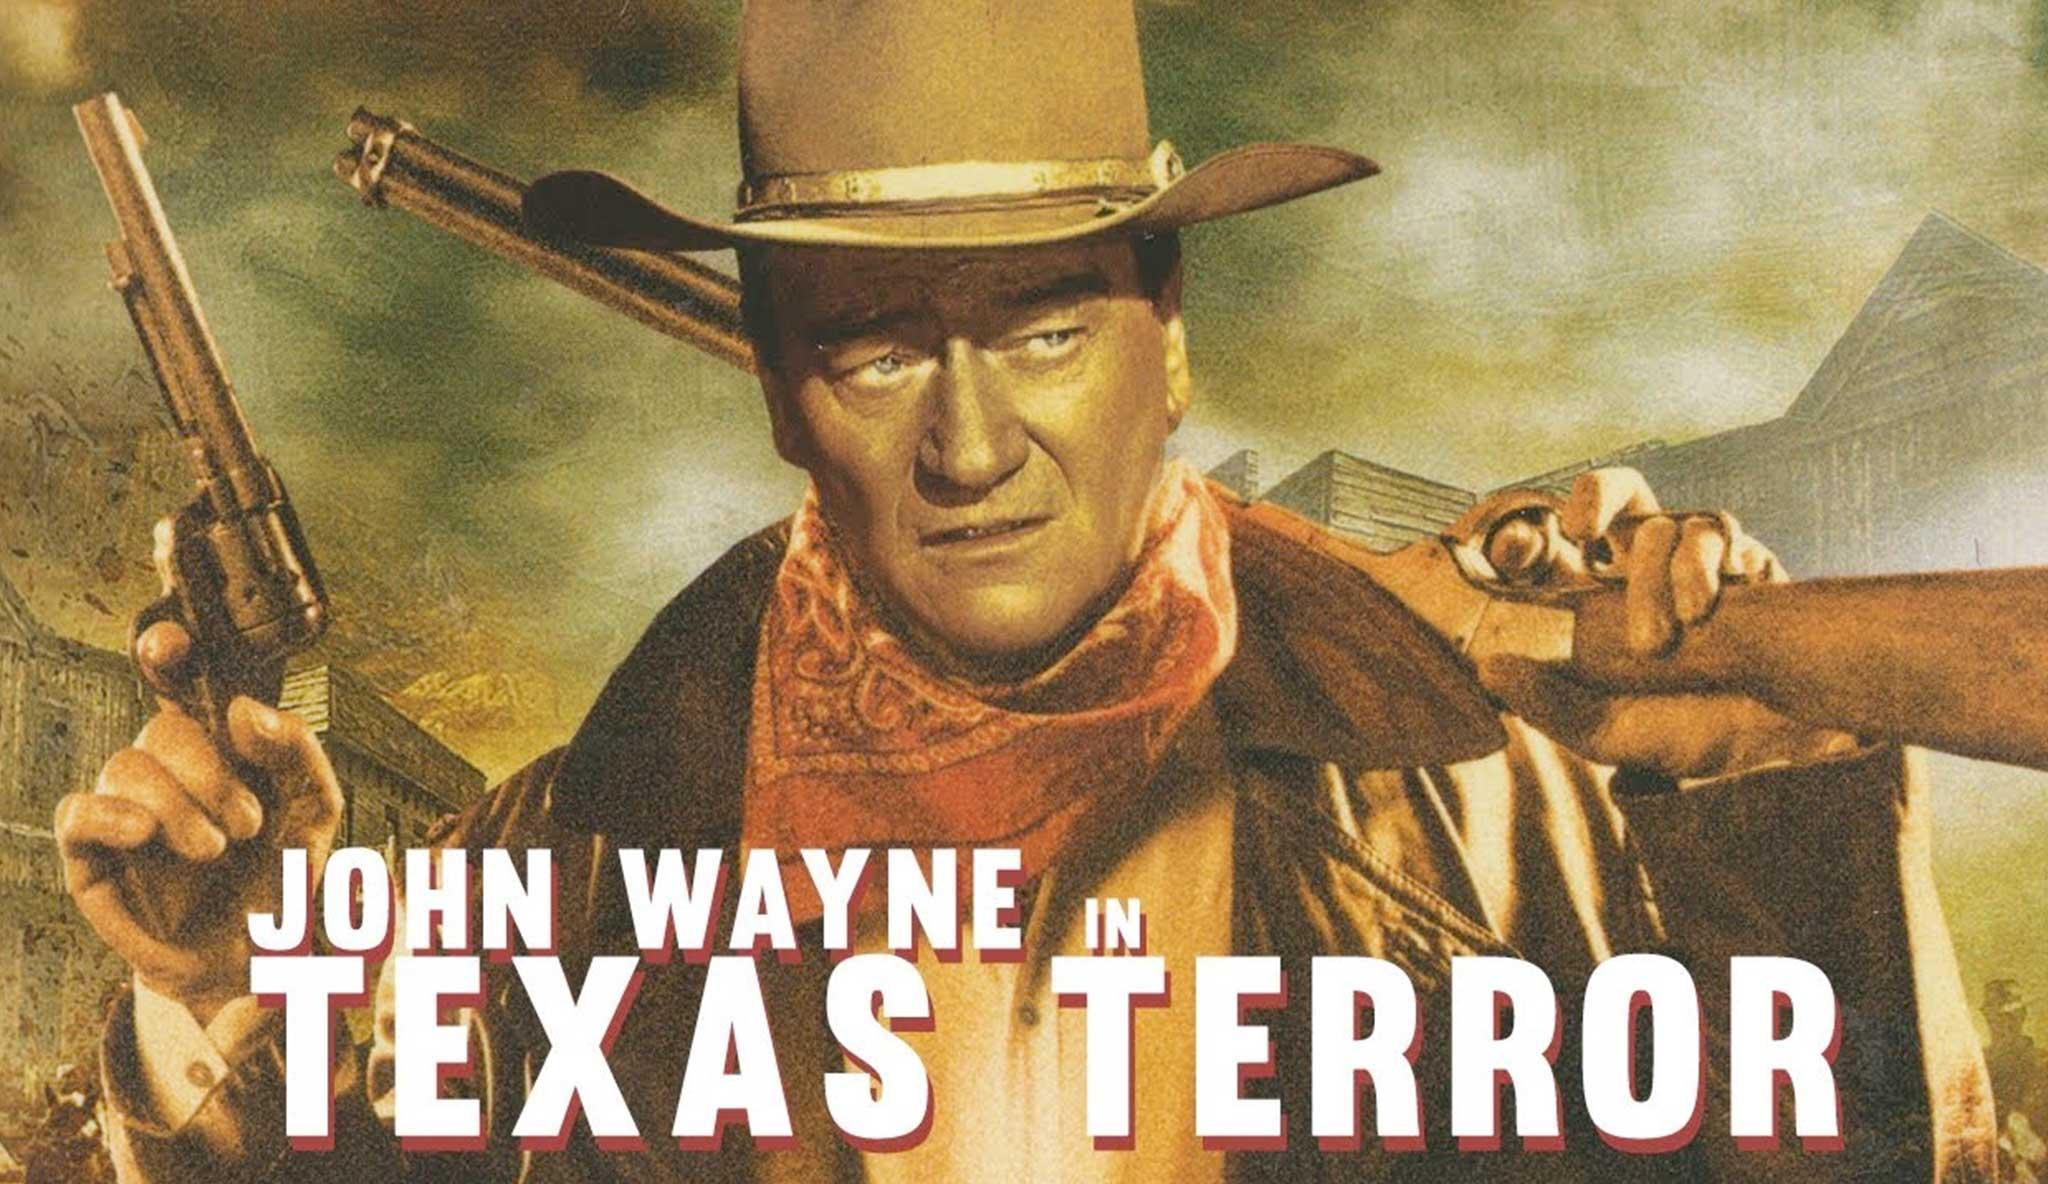 texas-terror-john-wayne\header.jpg